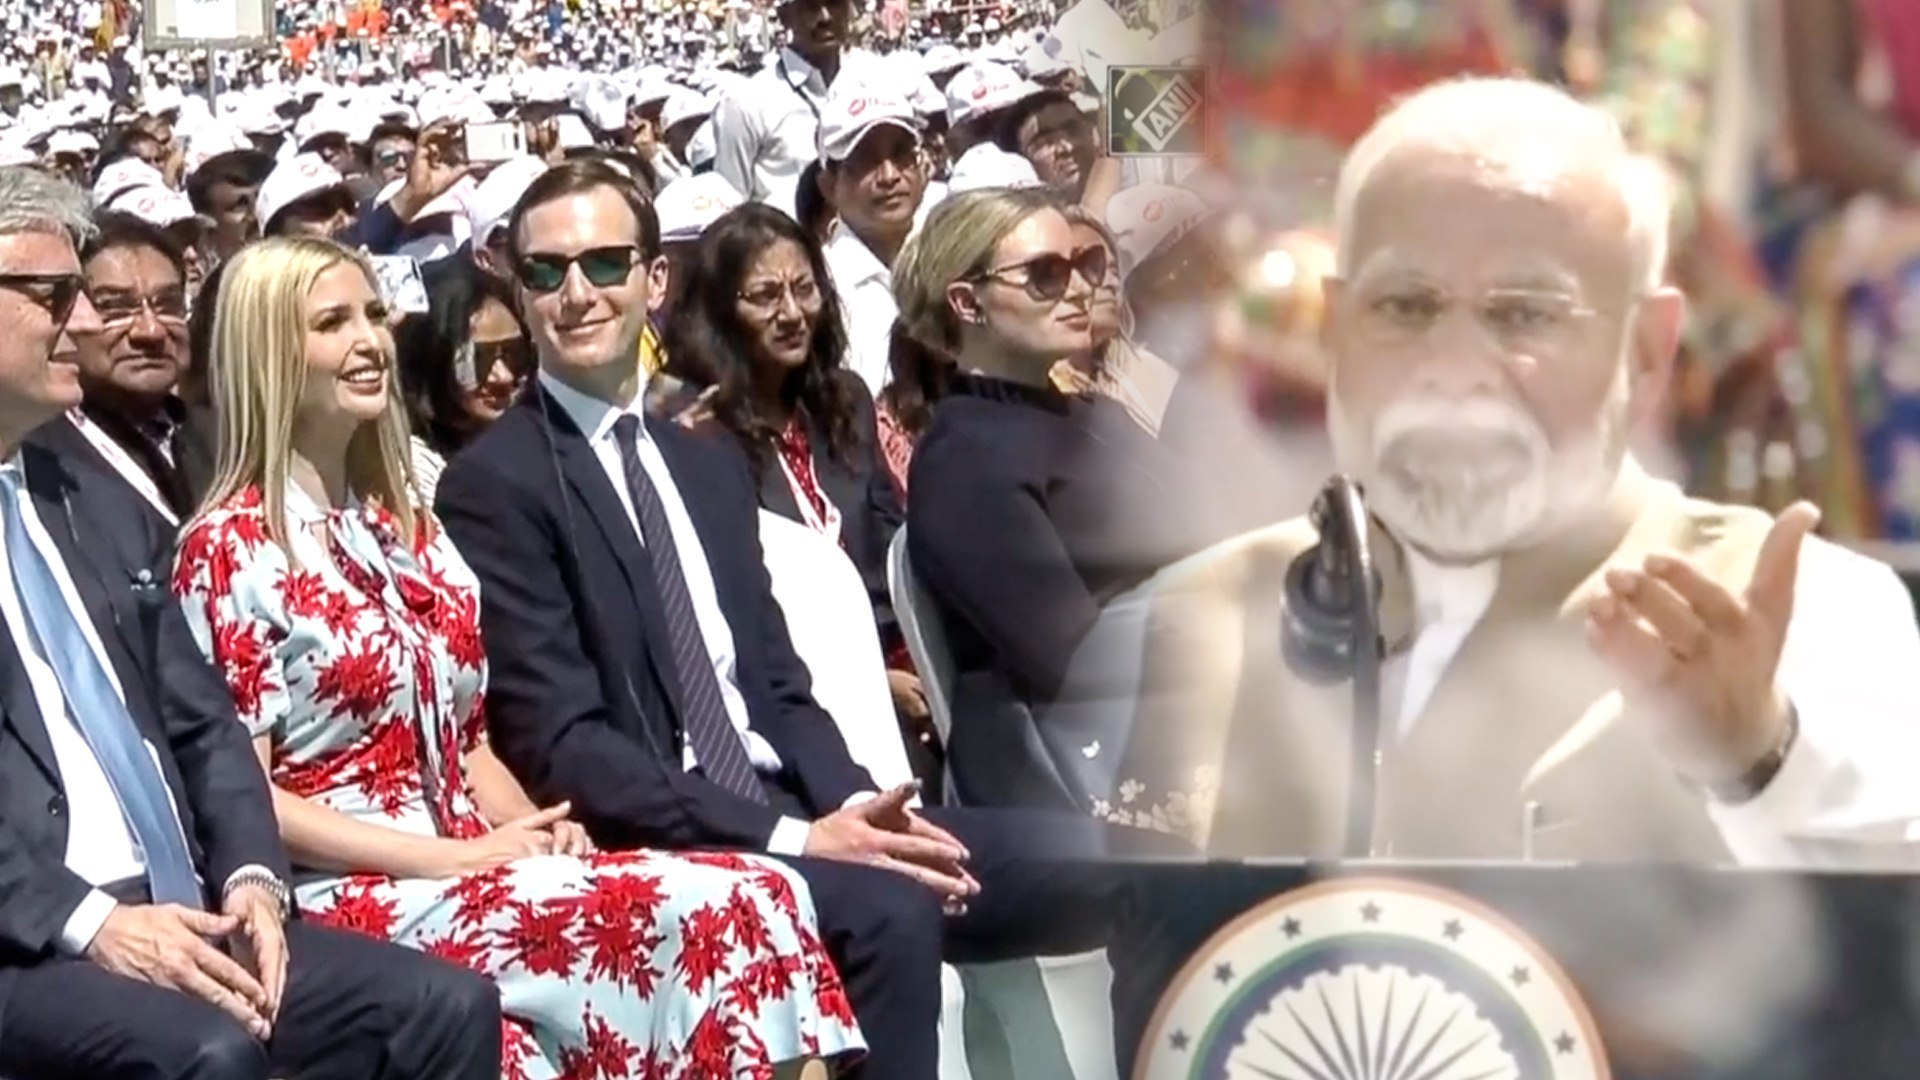 Narendra Modi happy to invite Trump daughter Ivanka Trump | Donald Trump | Modi | Ivanka Trump